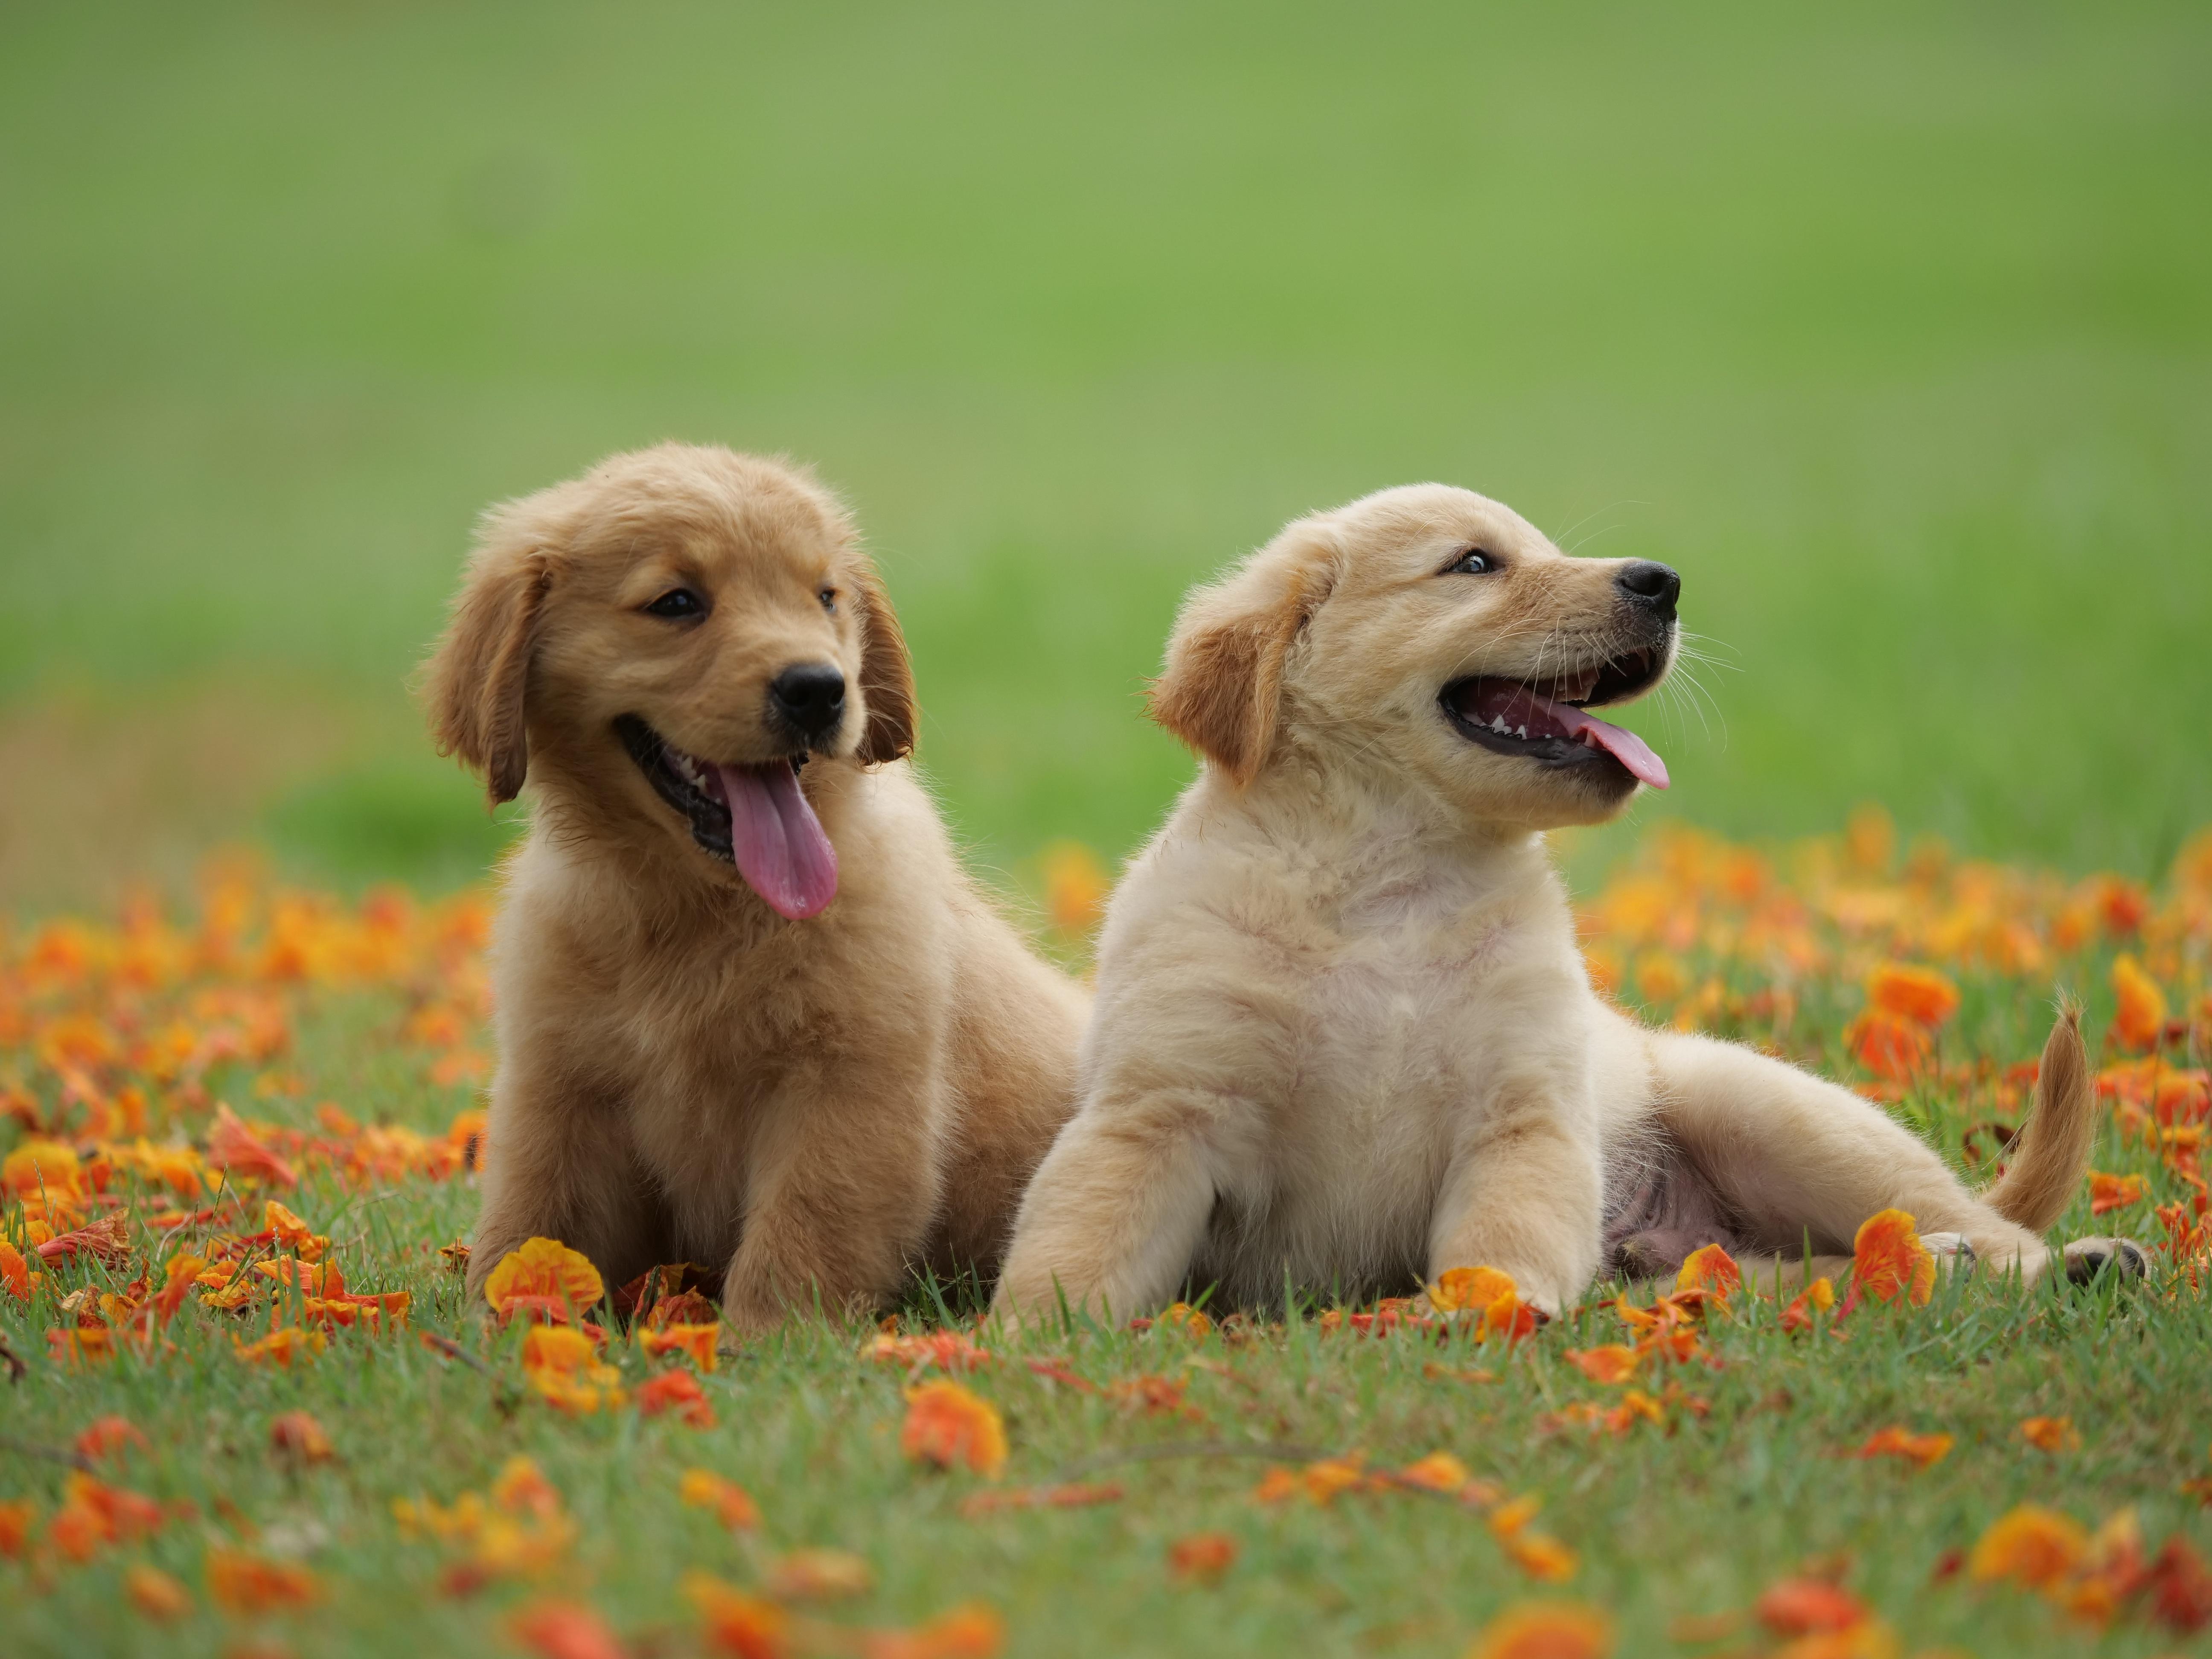 Animal Baby Dog Golden Retriever Pet Puppy Wallpaper Cute Little Dogs Retrievers 5184x3888 Download Hd Wallpaper Wallpapertip